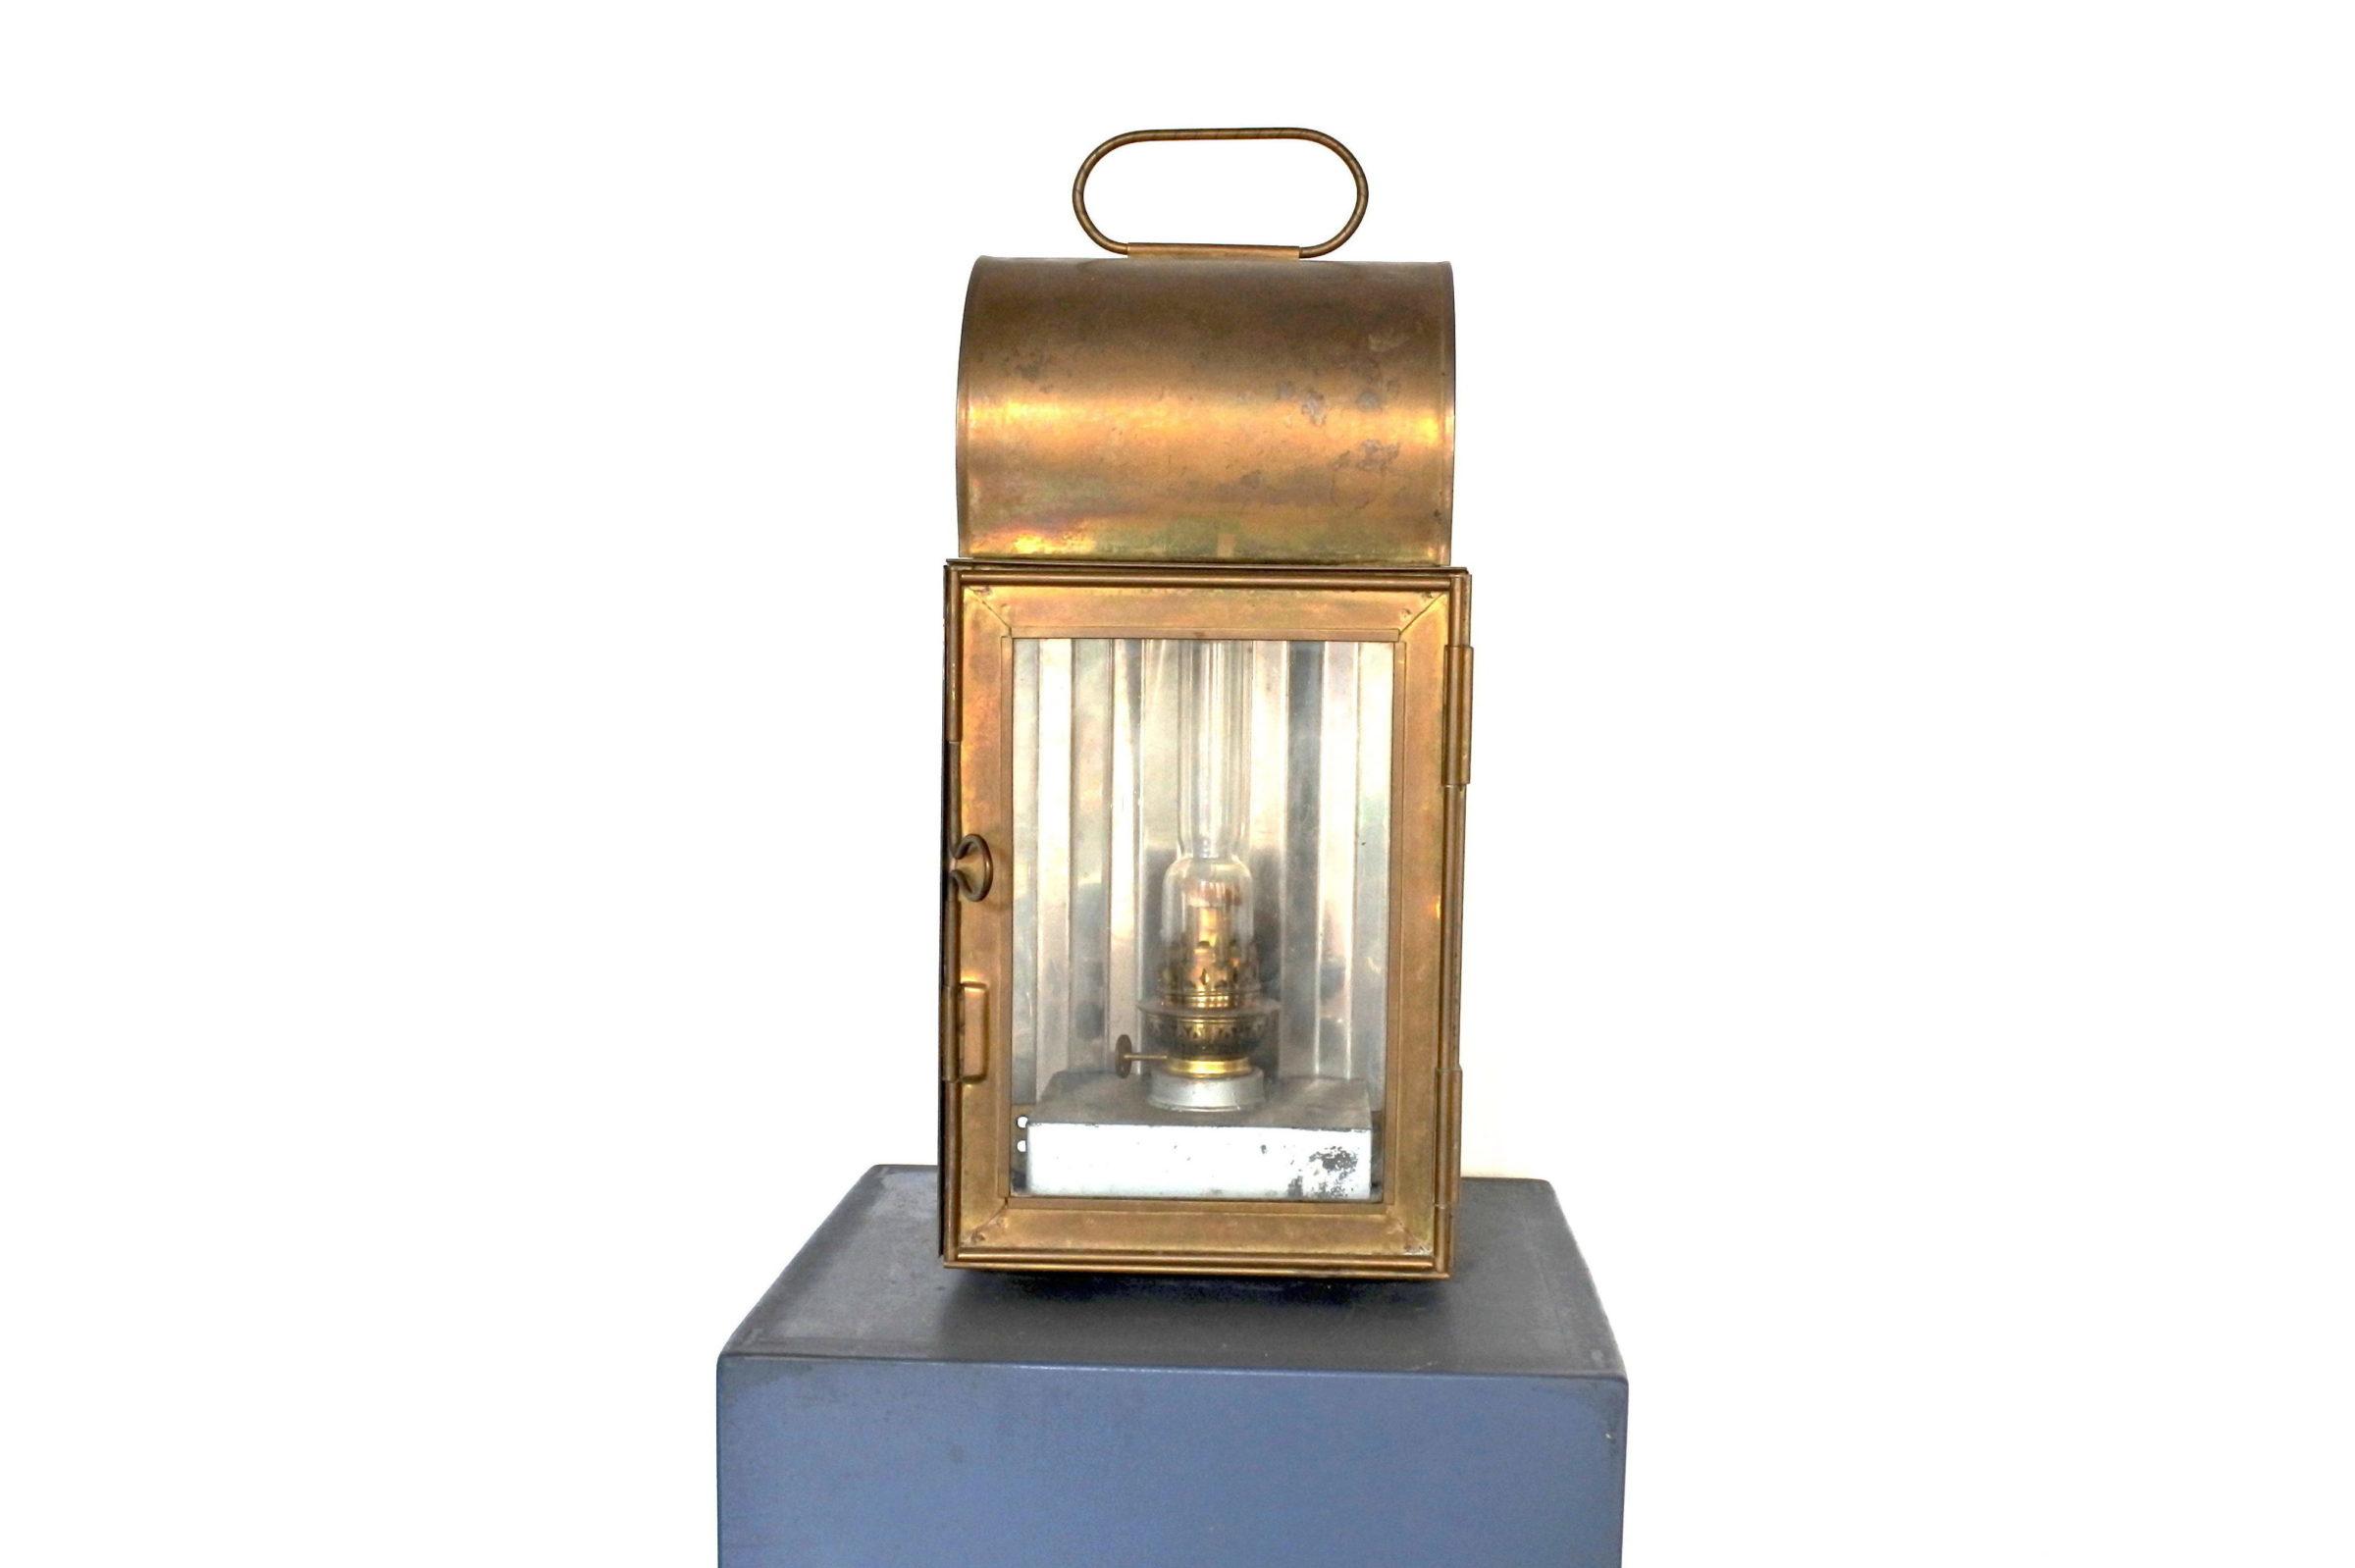 Lanterna in ottone con alimentazione a petrolio